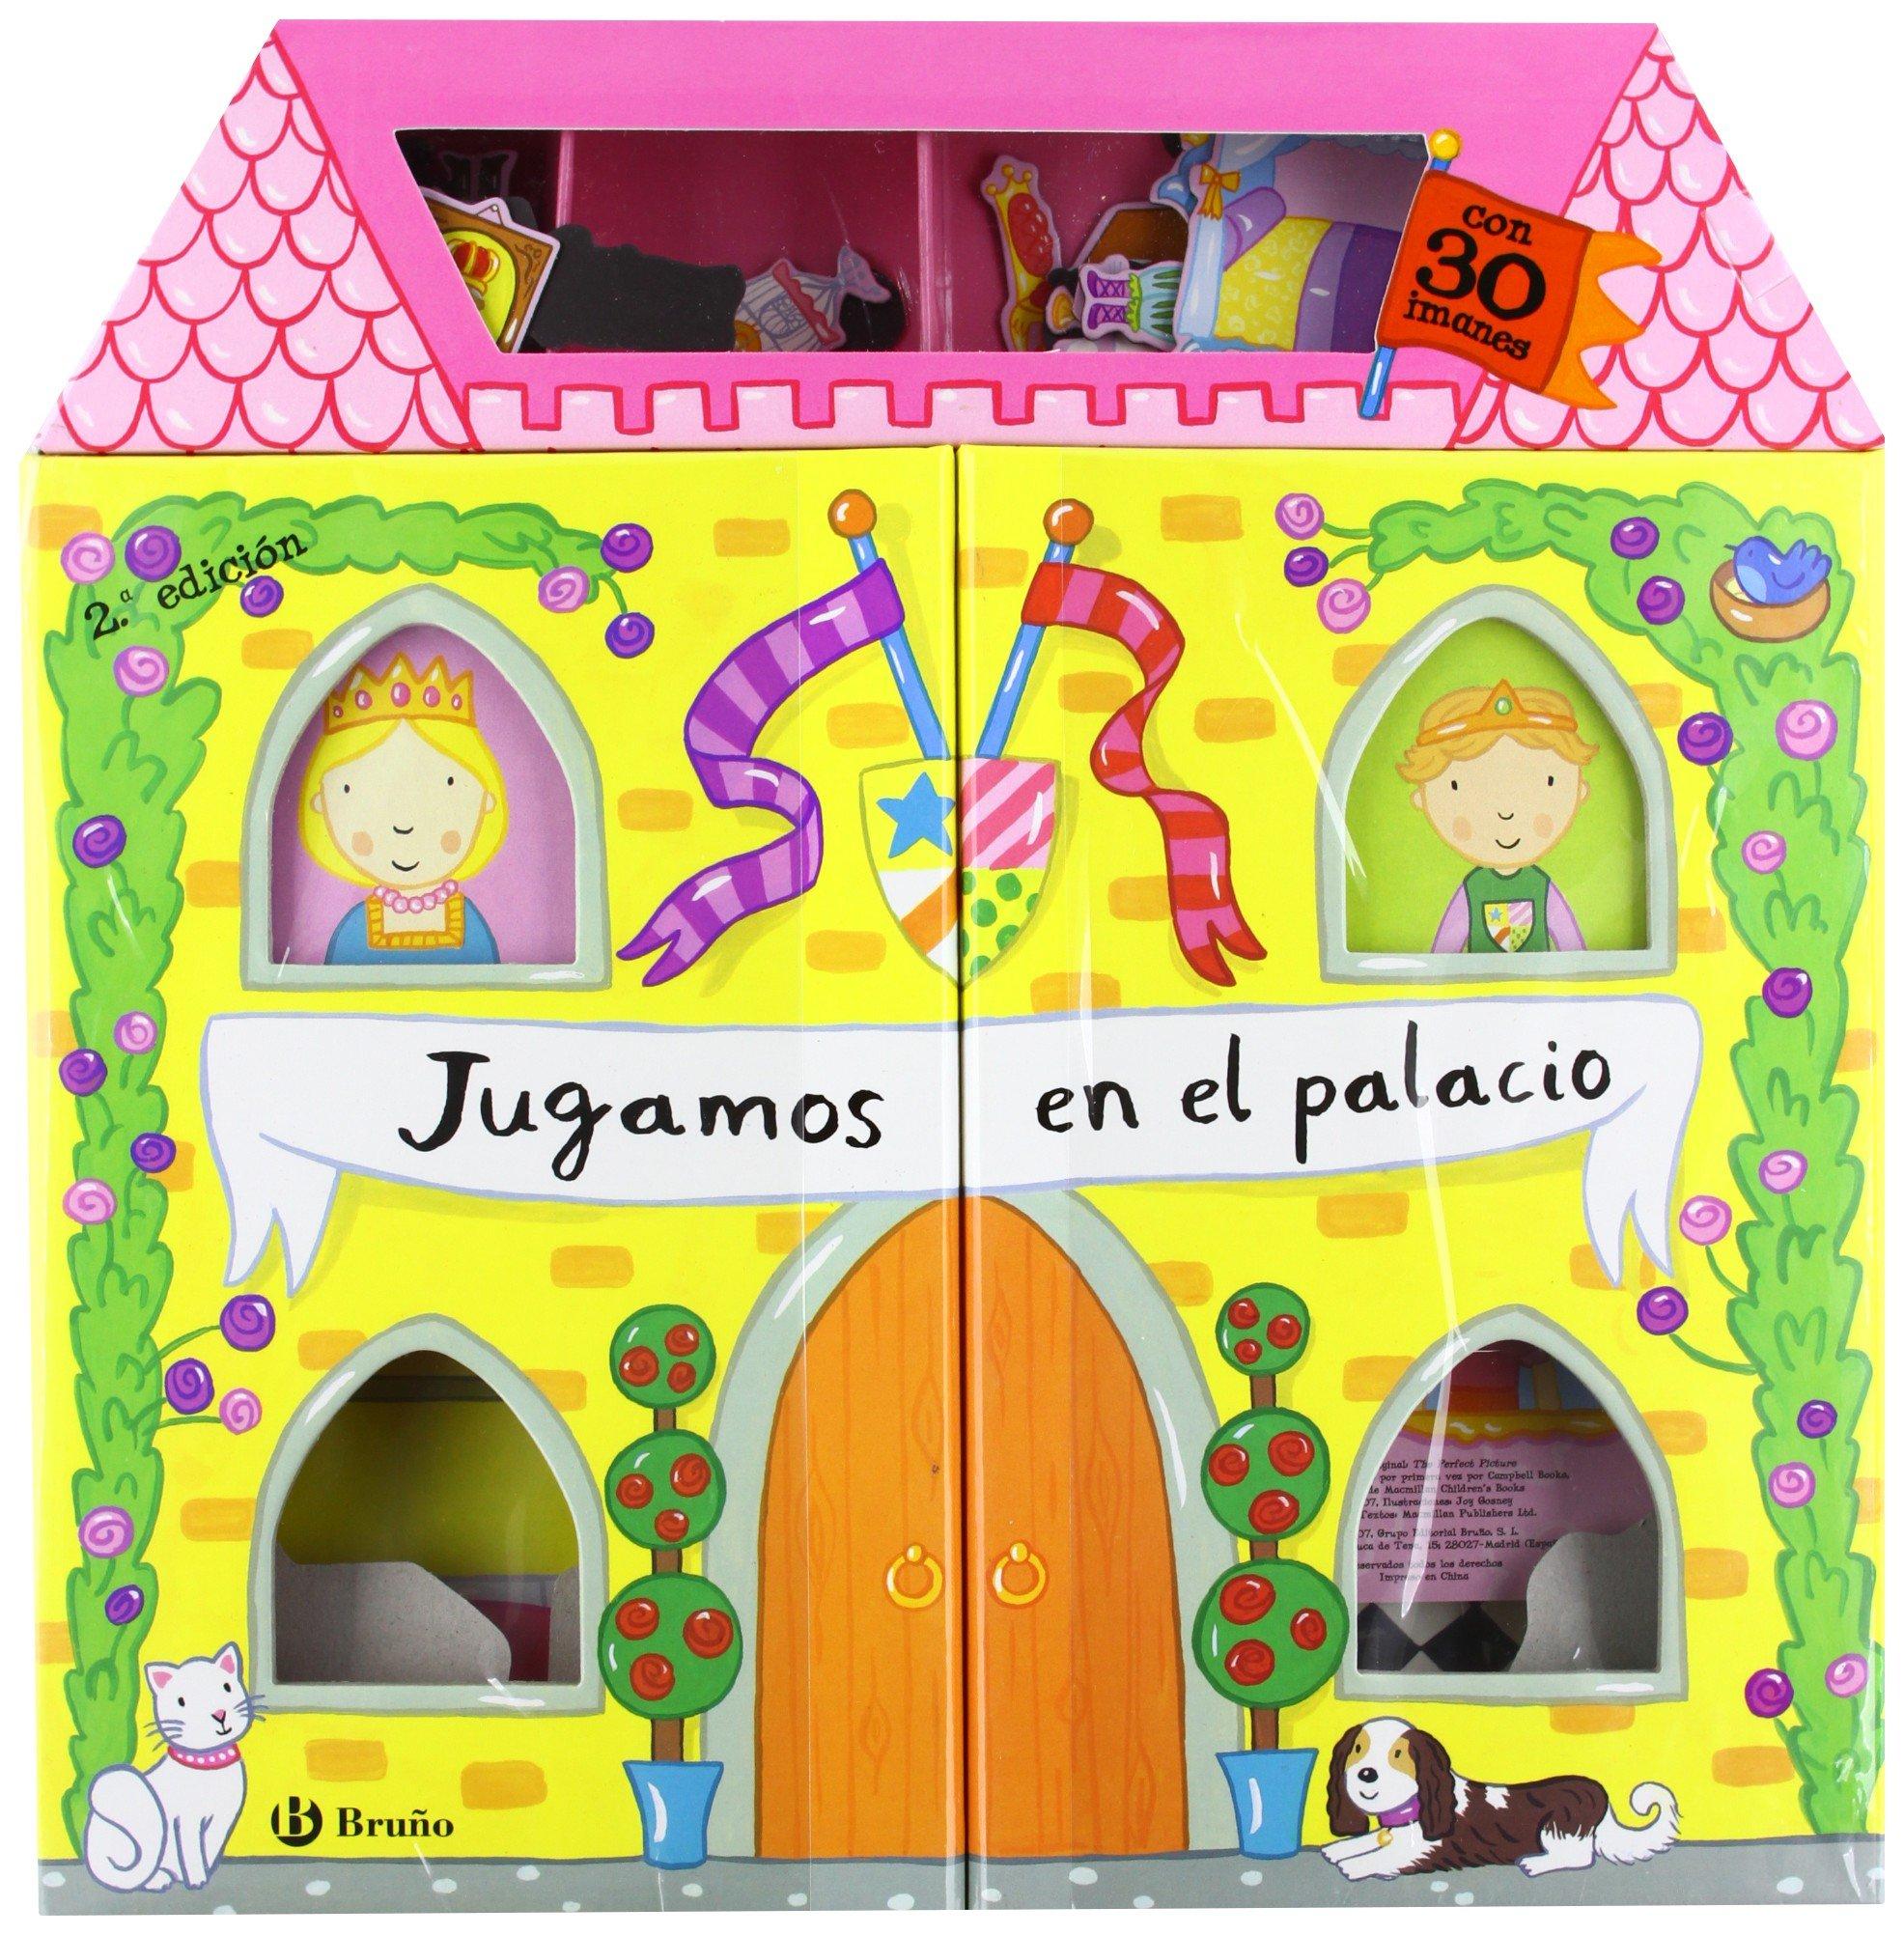 Jugamos en el palacio (Spanish Edition): Joy Gosney ...